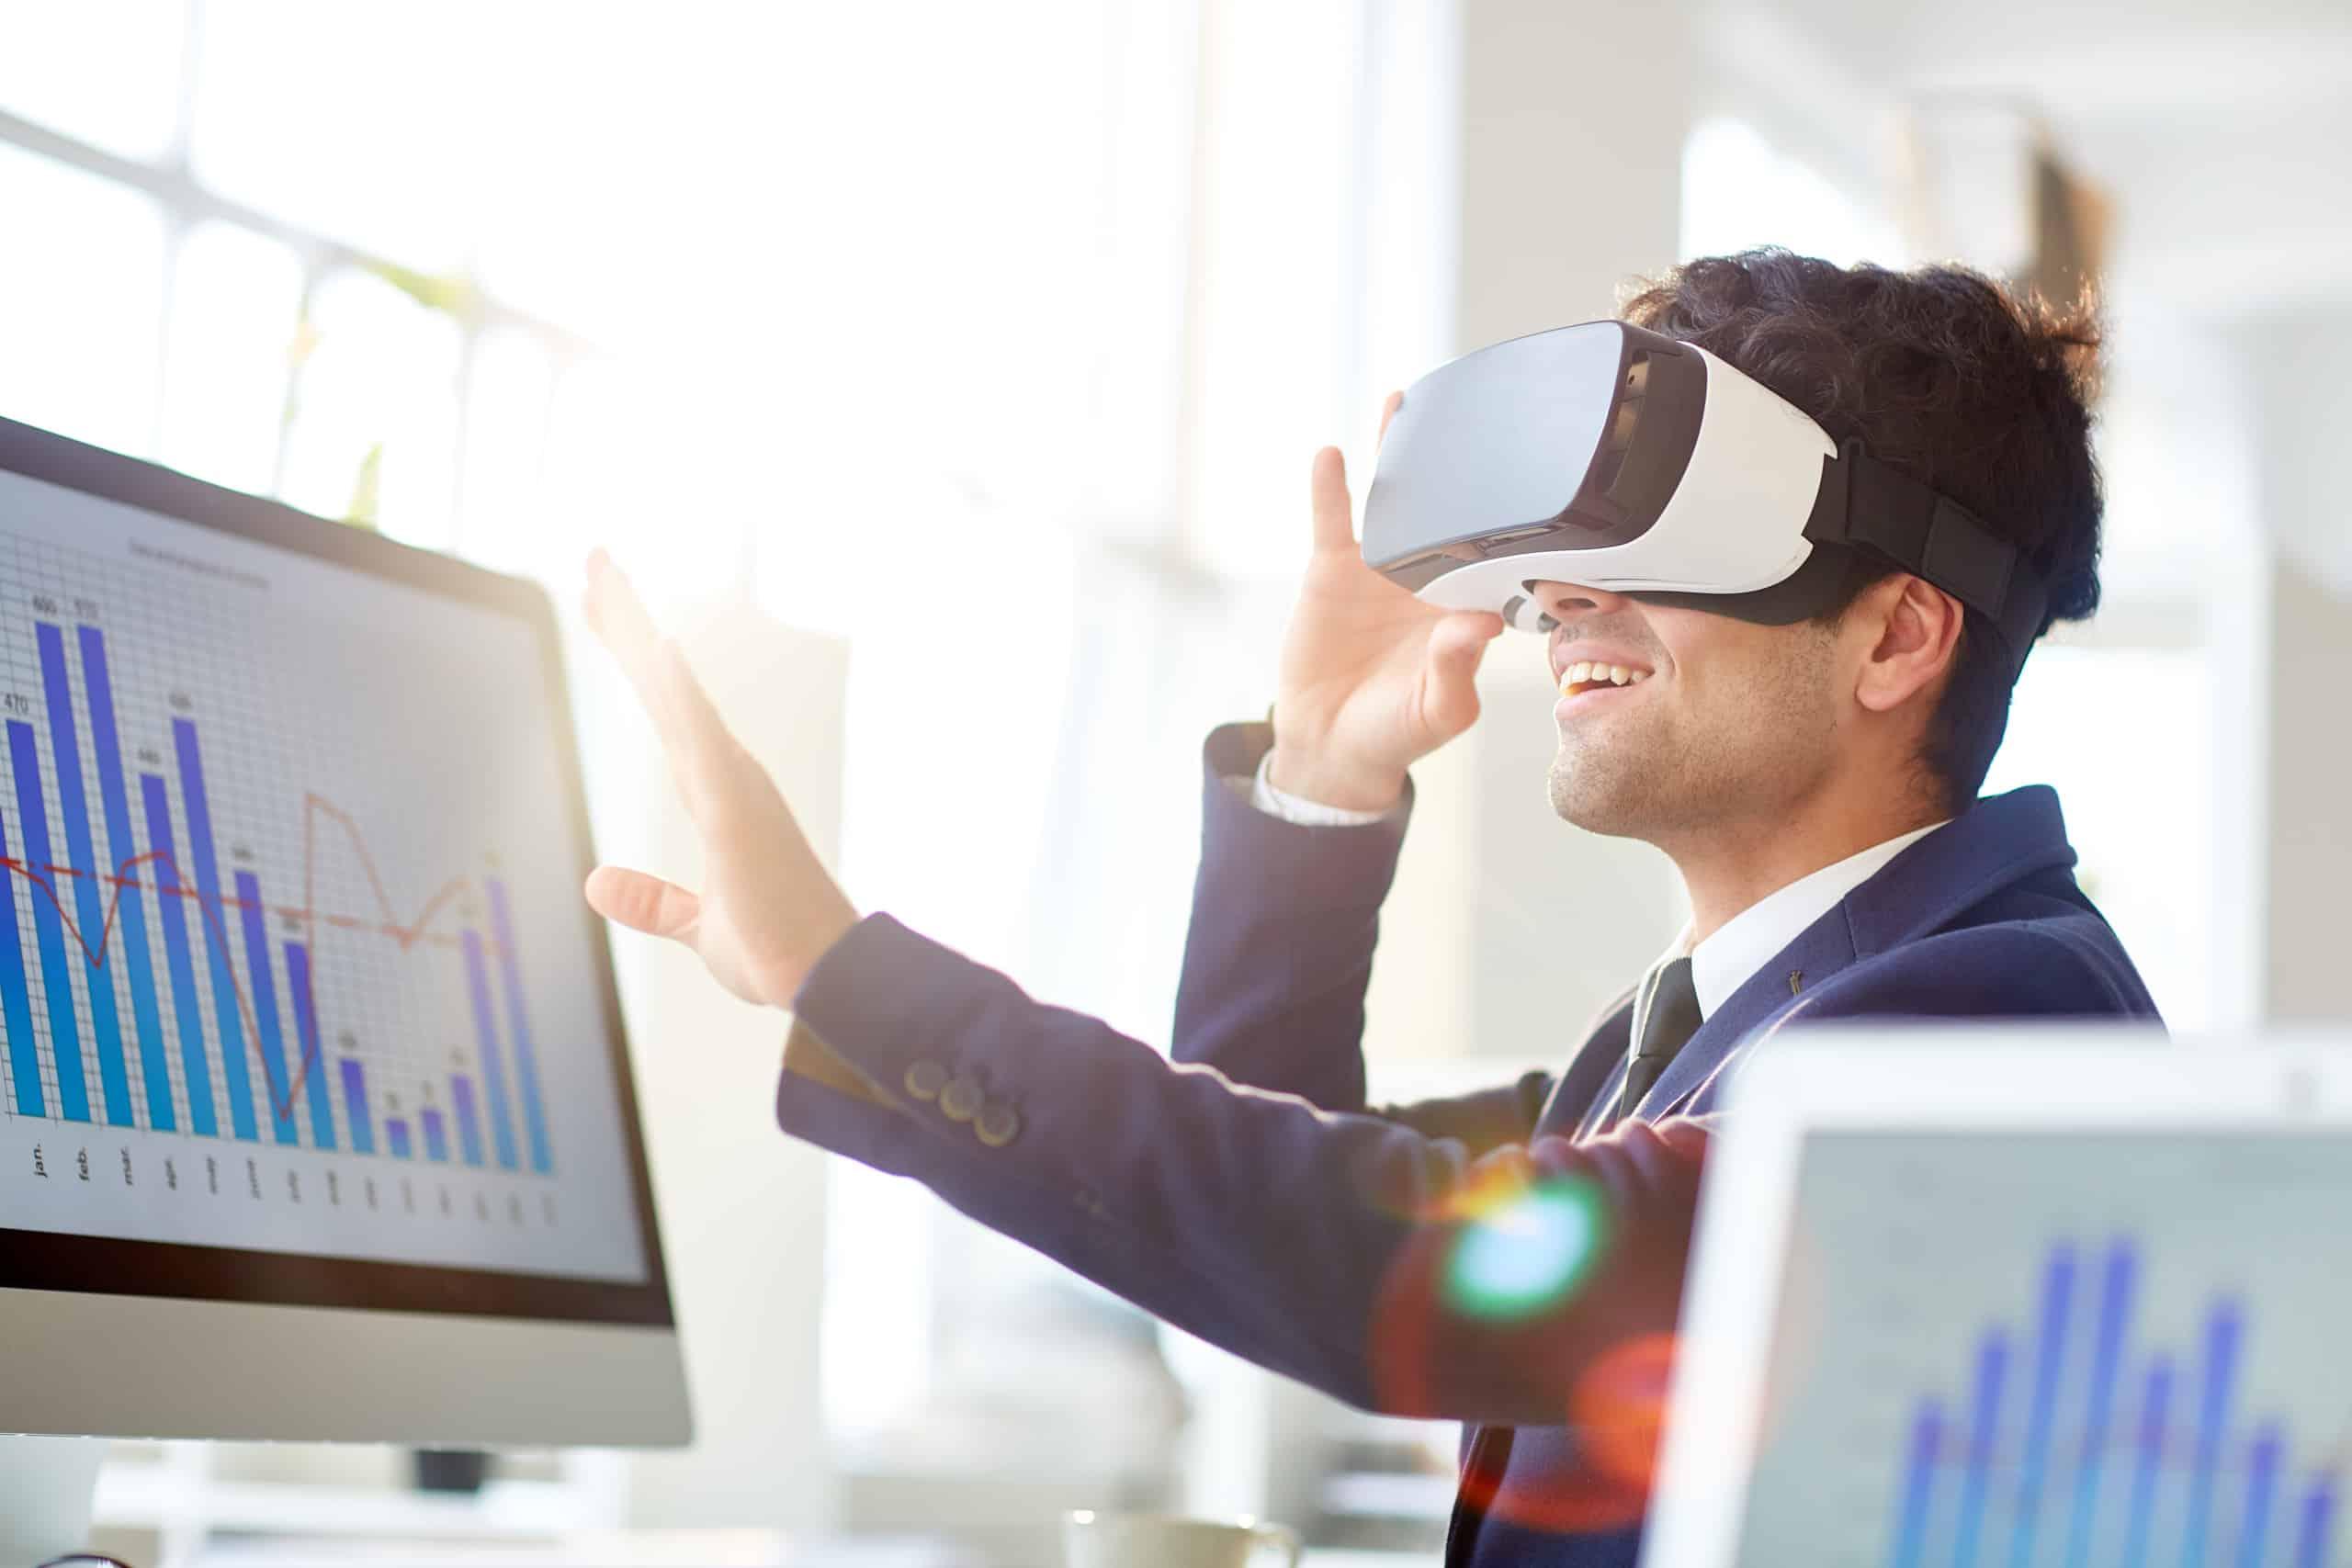 Homme portant casque de réalité virtuelle observant un showroom virtuel